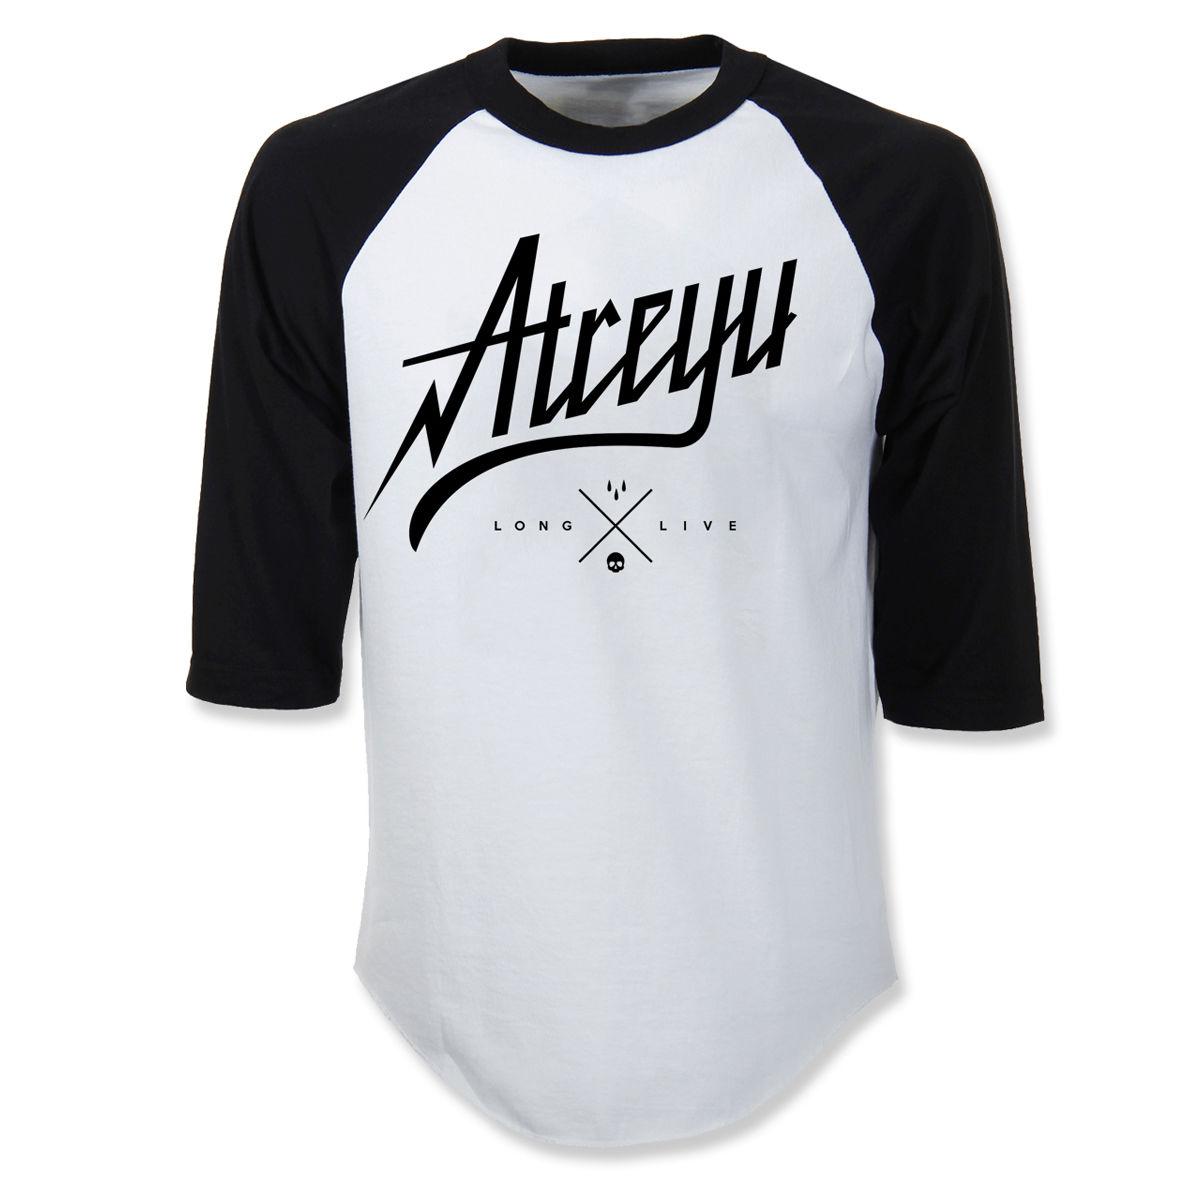 Baseball Shirt Blusas t Baseball shirts and Products 65ada13b452